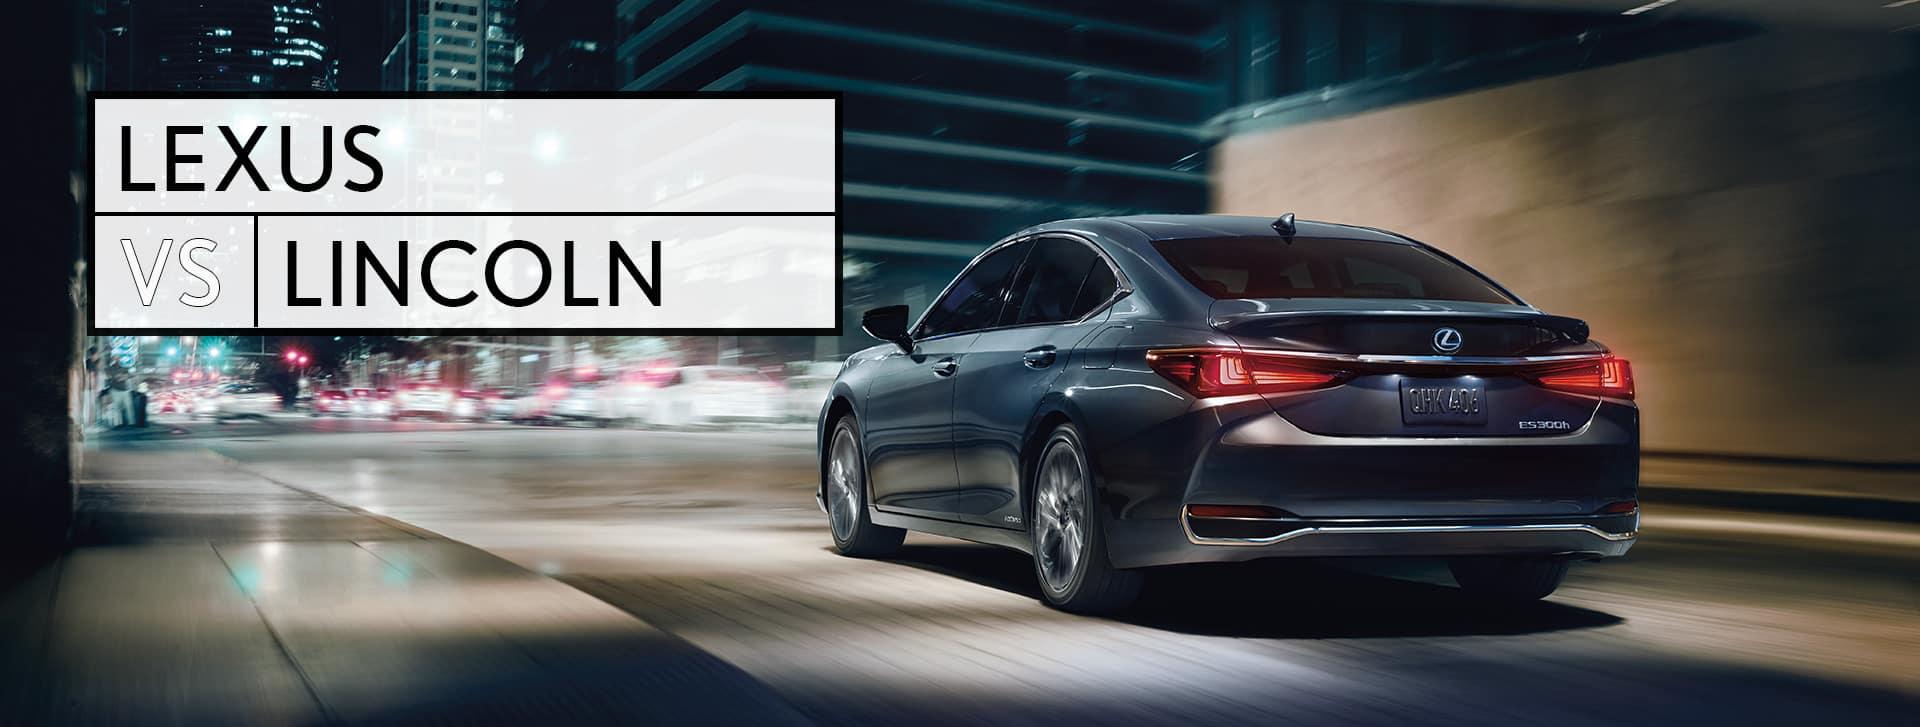 Lexus Vs Lincoln Lexington KY